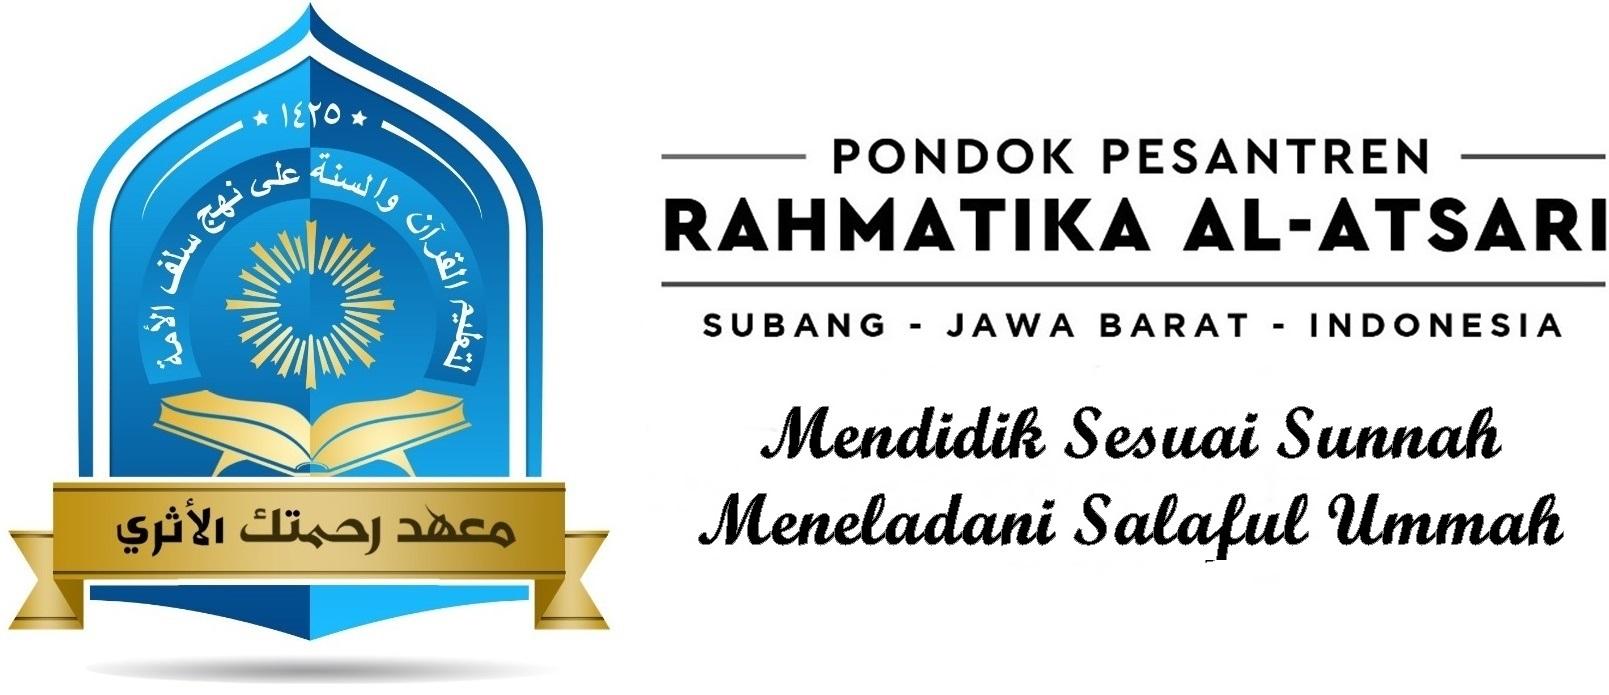 Pesantren Rahmatika Al-Atsari Subang